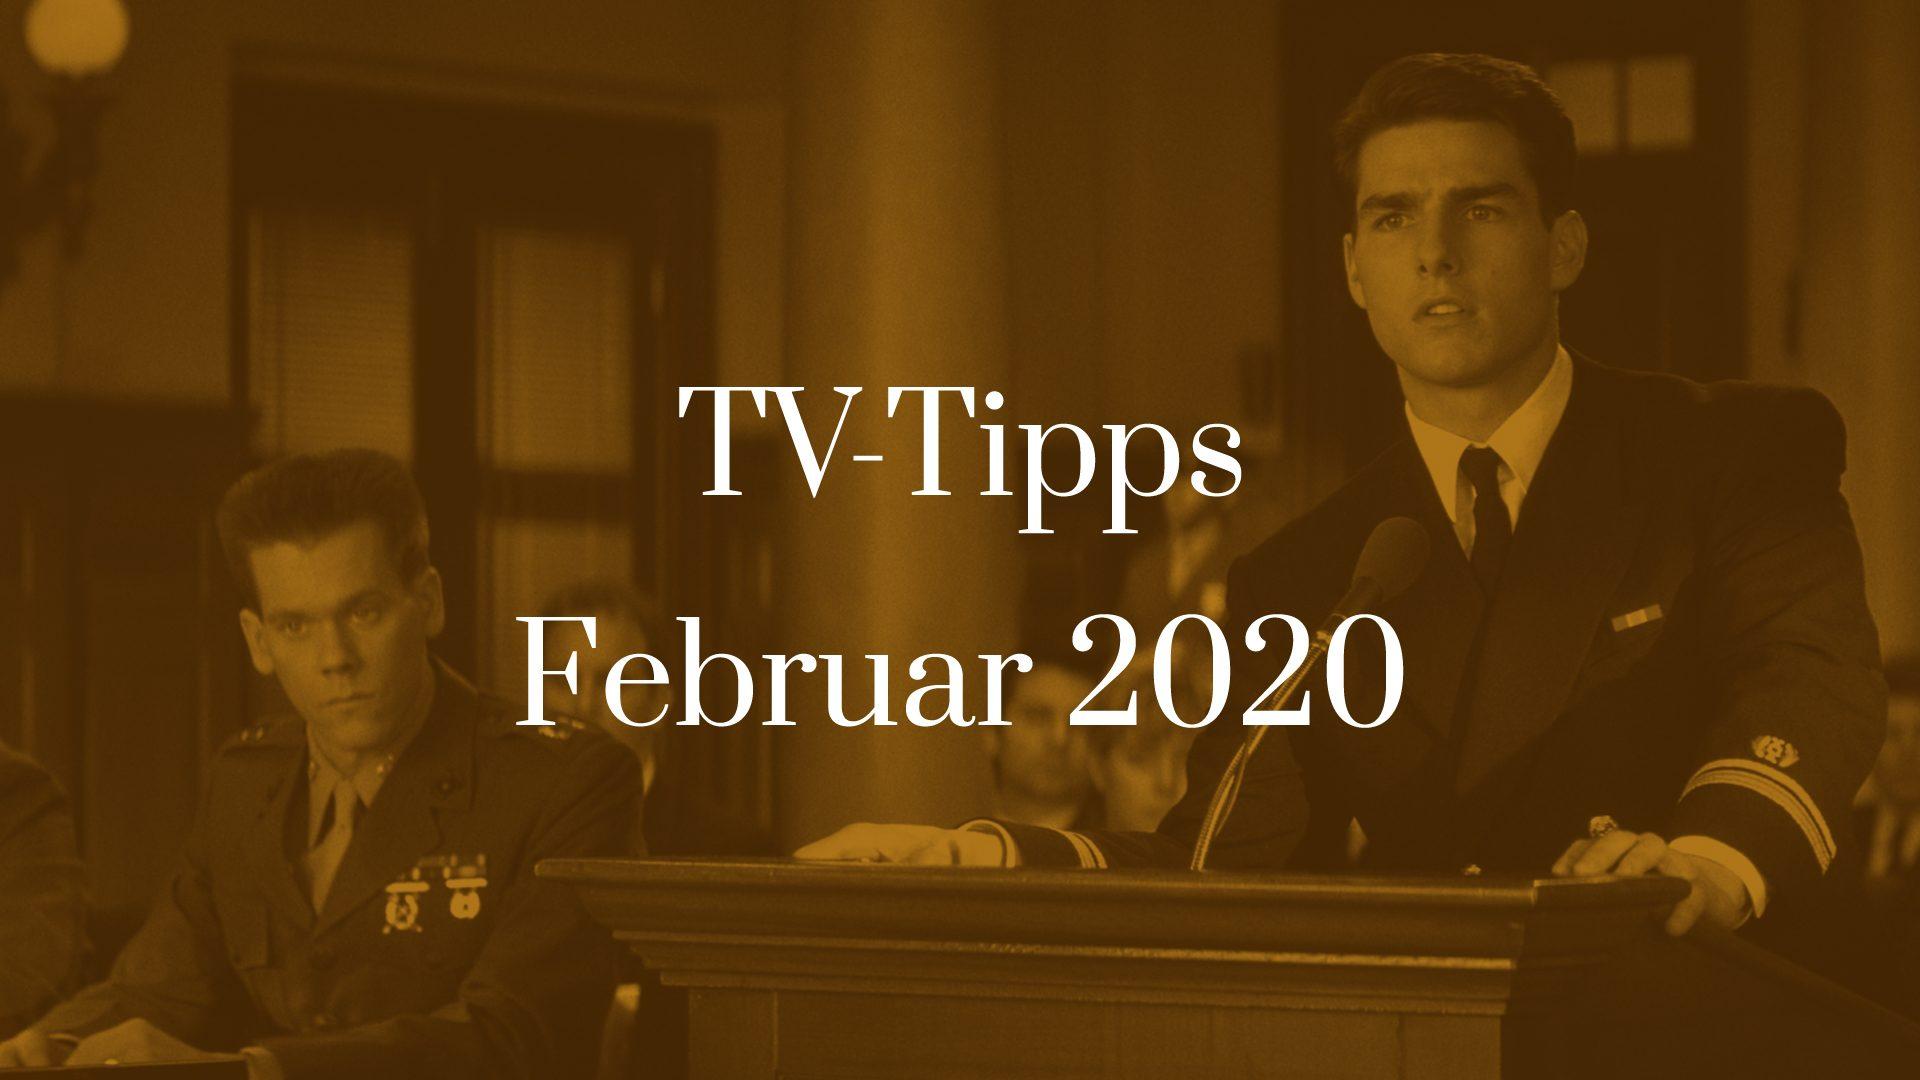 Titelbild zu TV-Tipps für Februar 2020